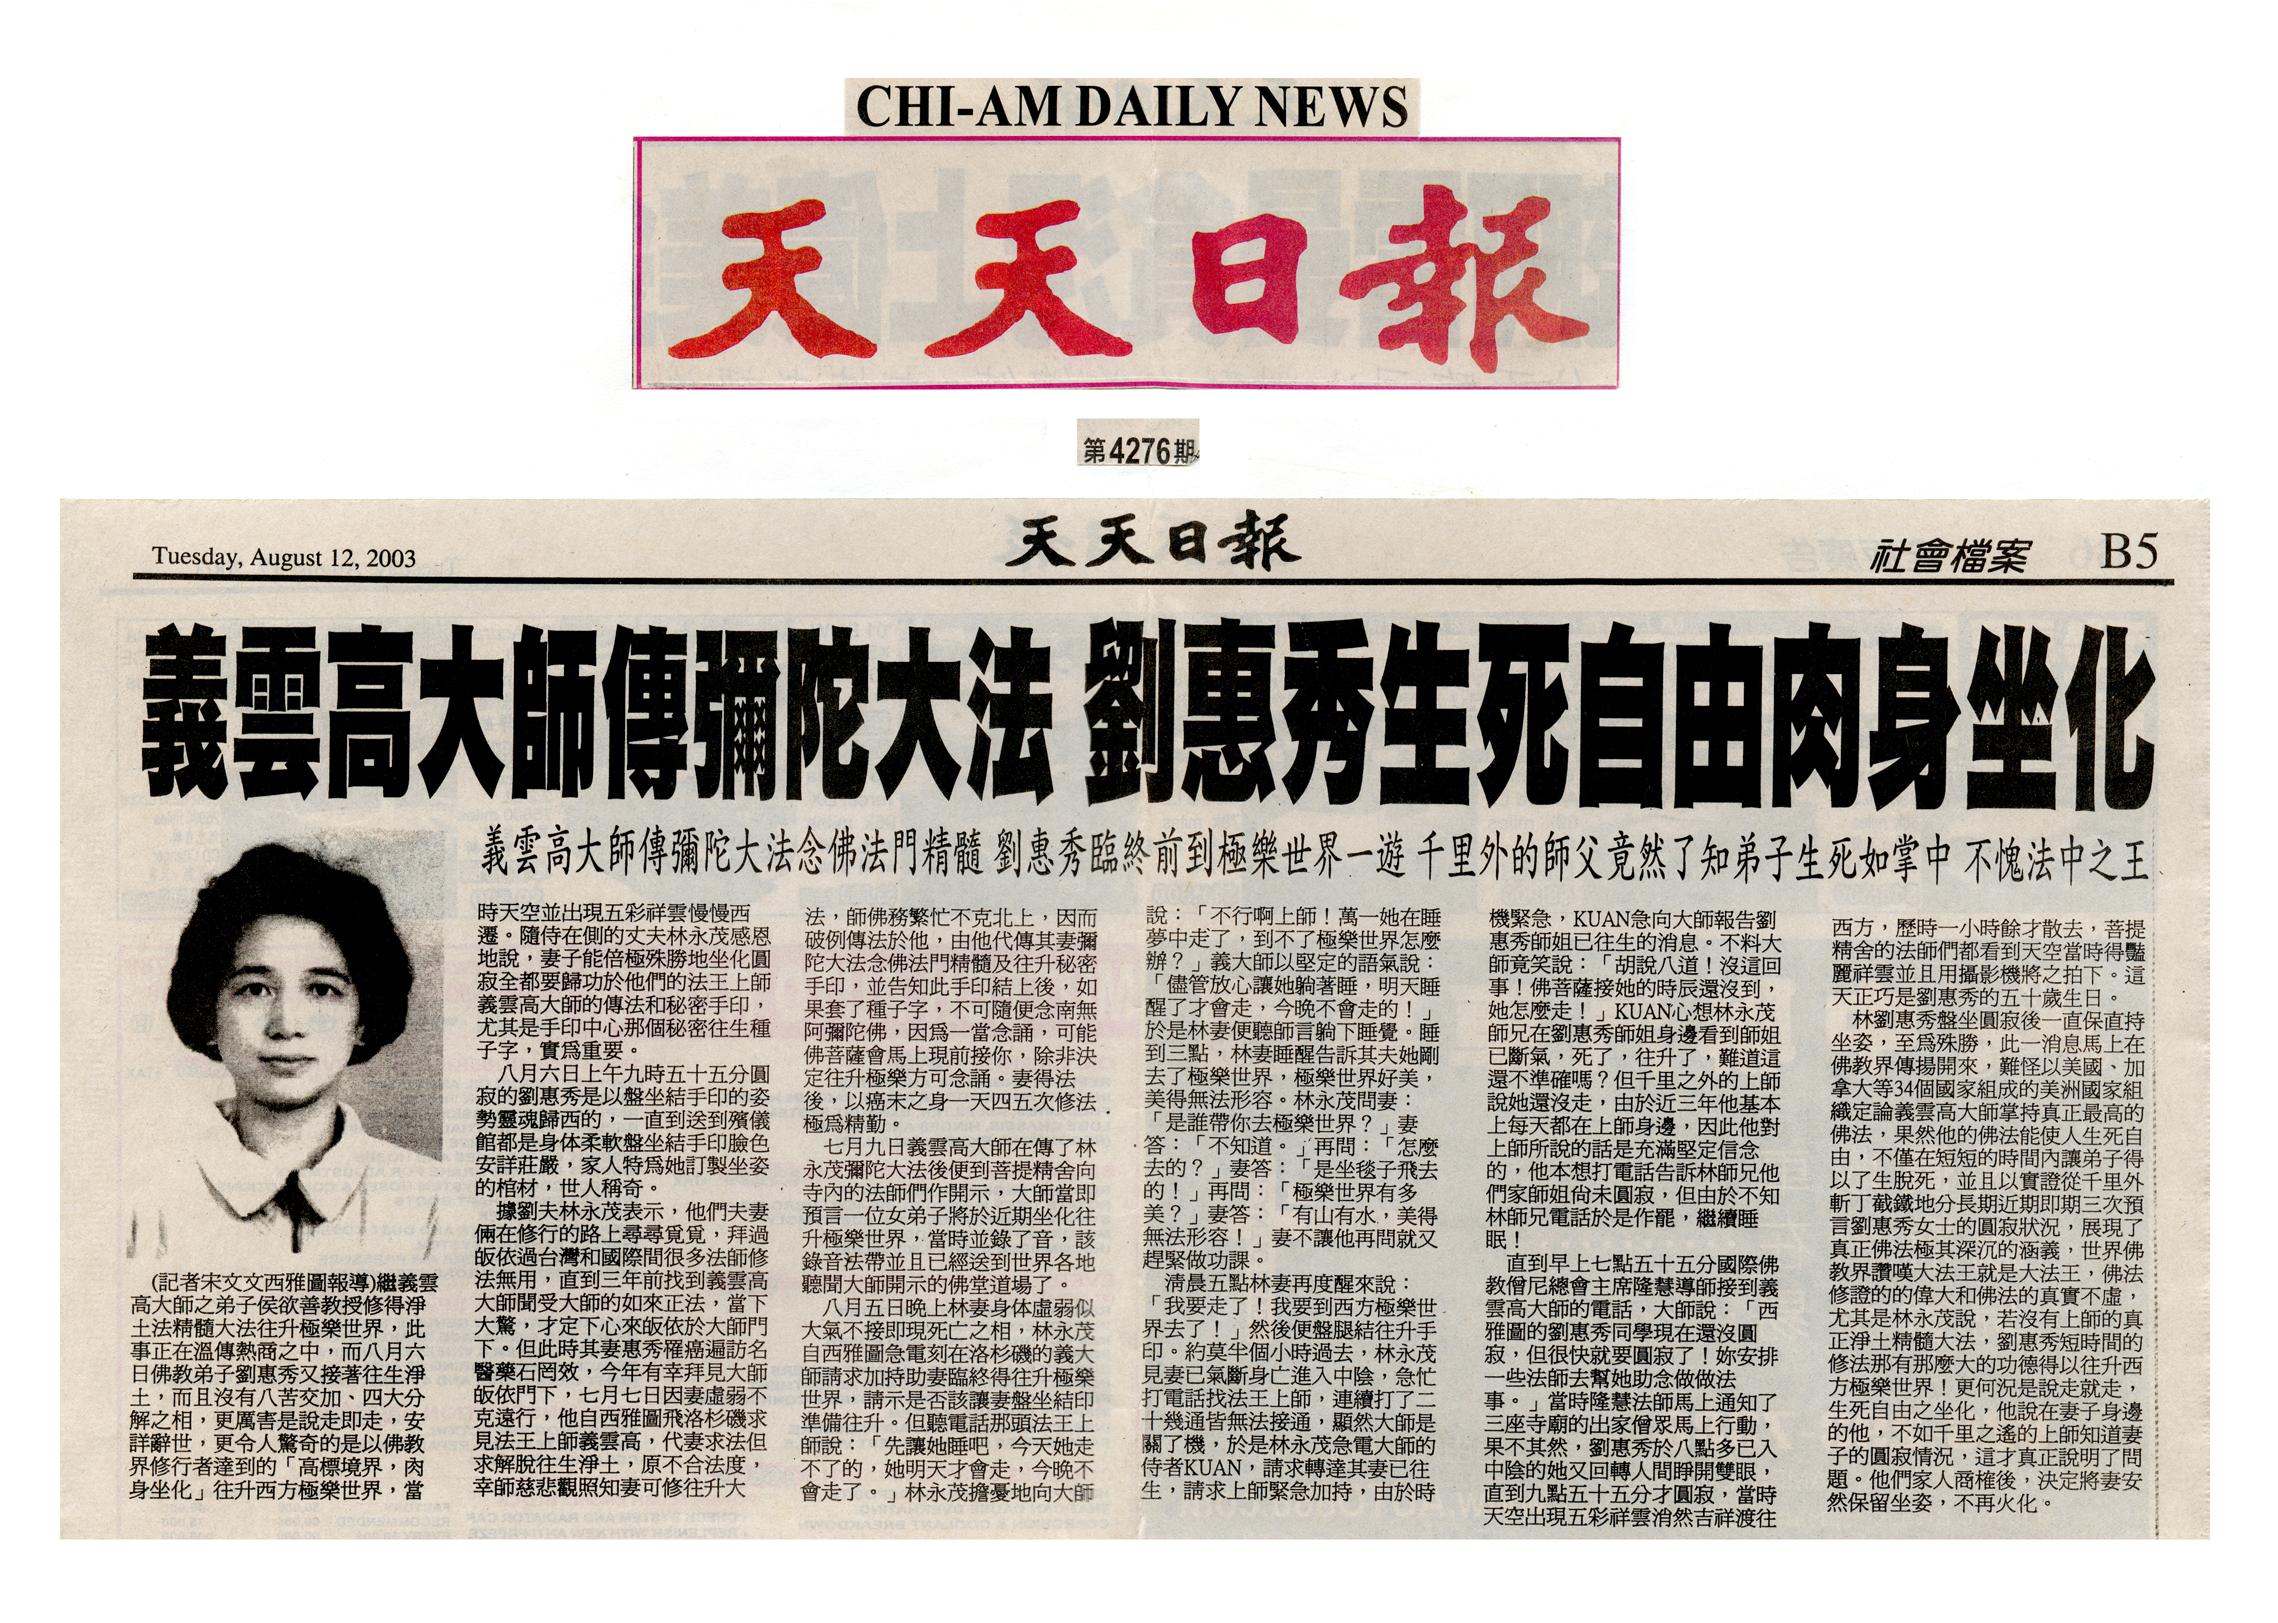 义云高大师传弥陀大法 刘惠秀生死自由肉身坐化 第2张